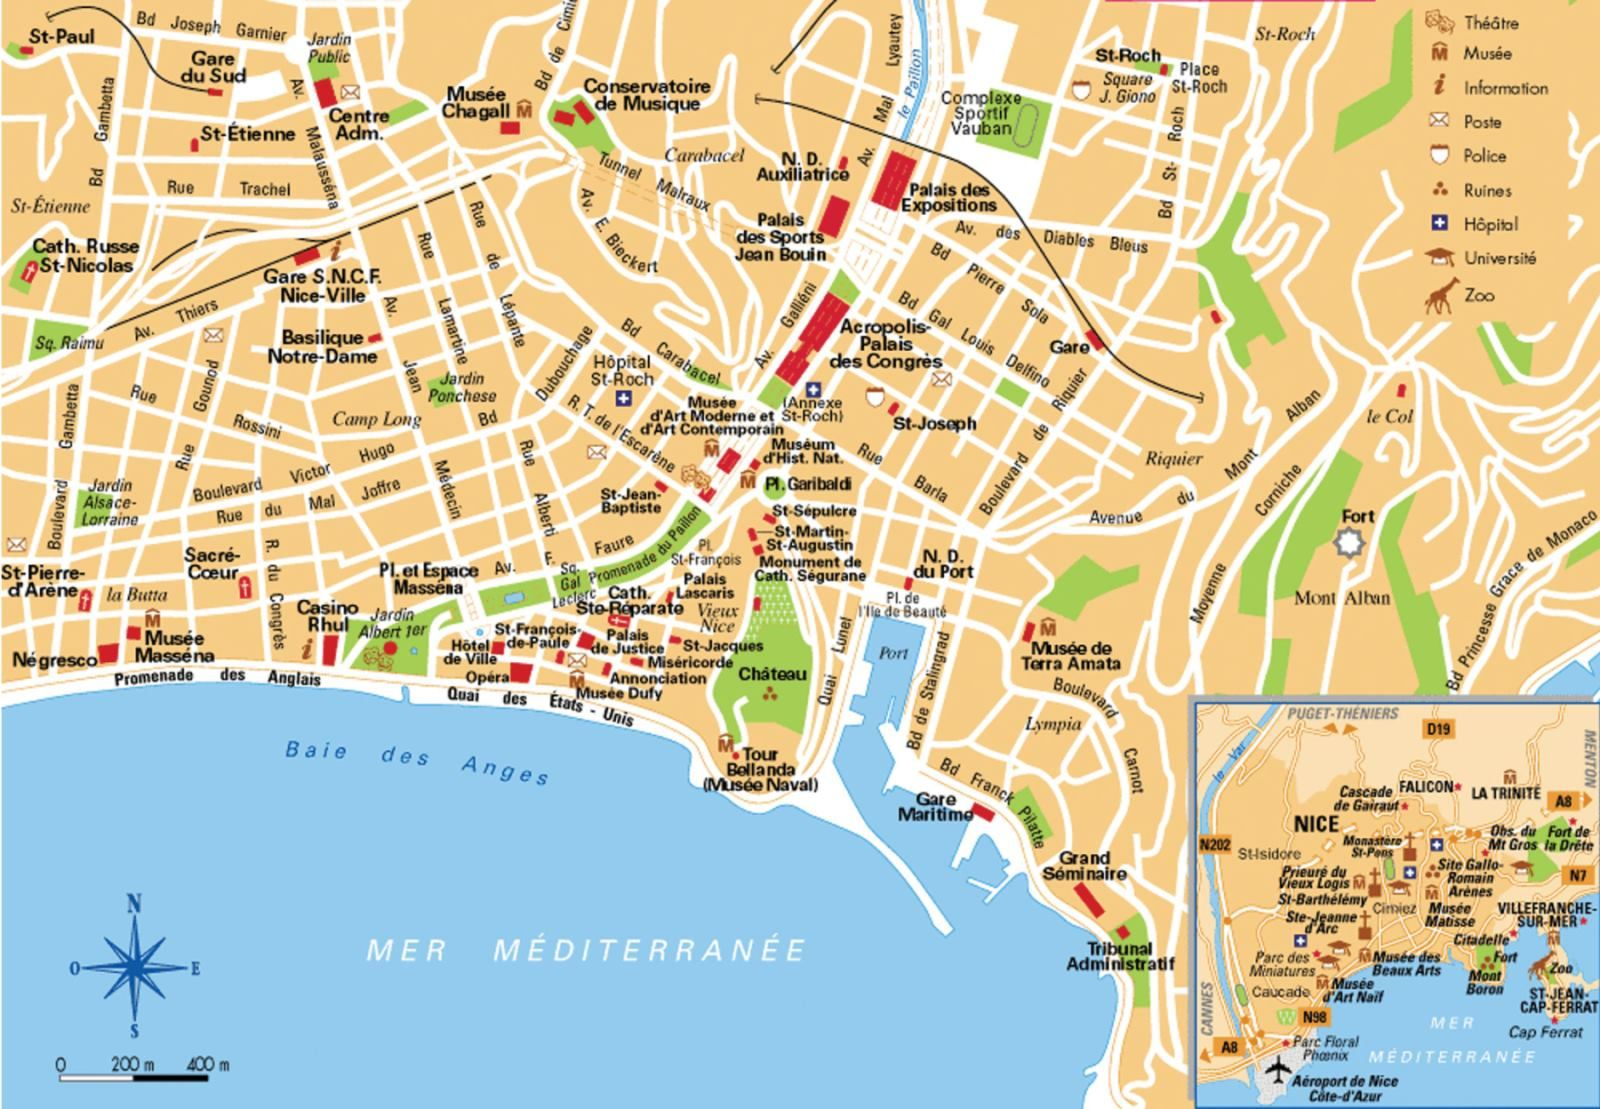 Cartina Stradale Costa Azzurra.Mappa Di Mentone Cartina Di Mentone Nizza Francia Mappa Costa Azzurra